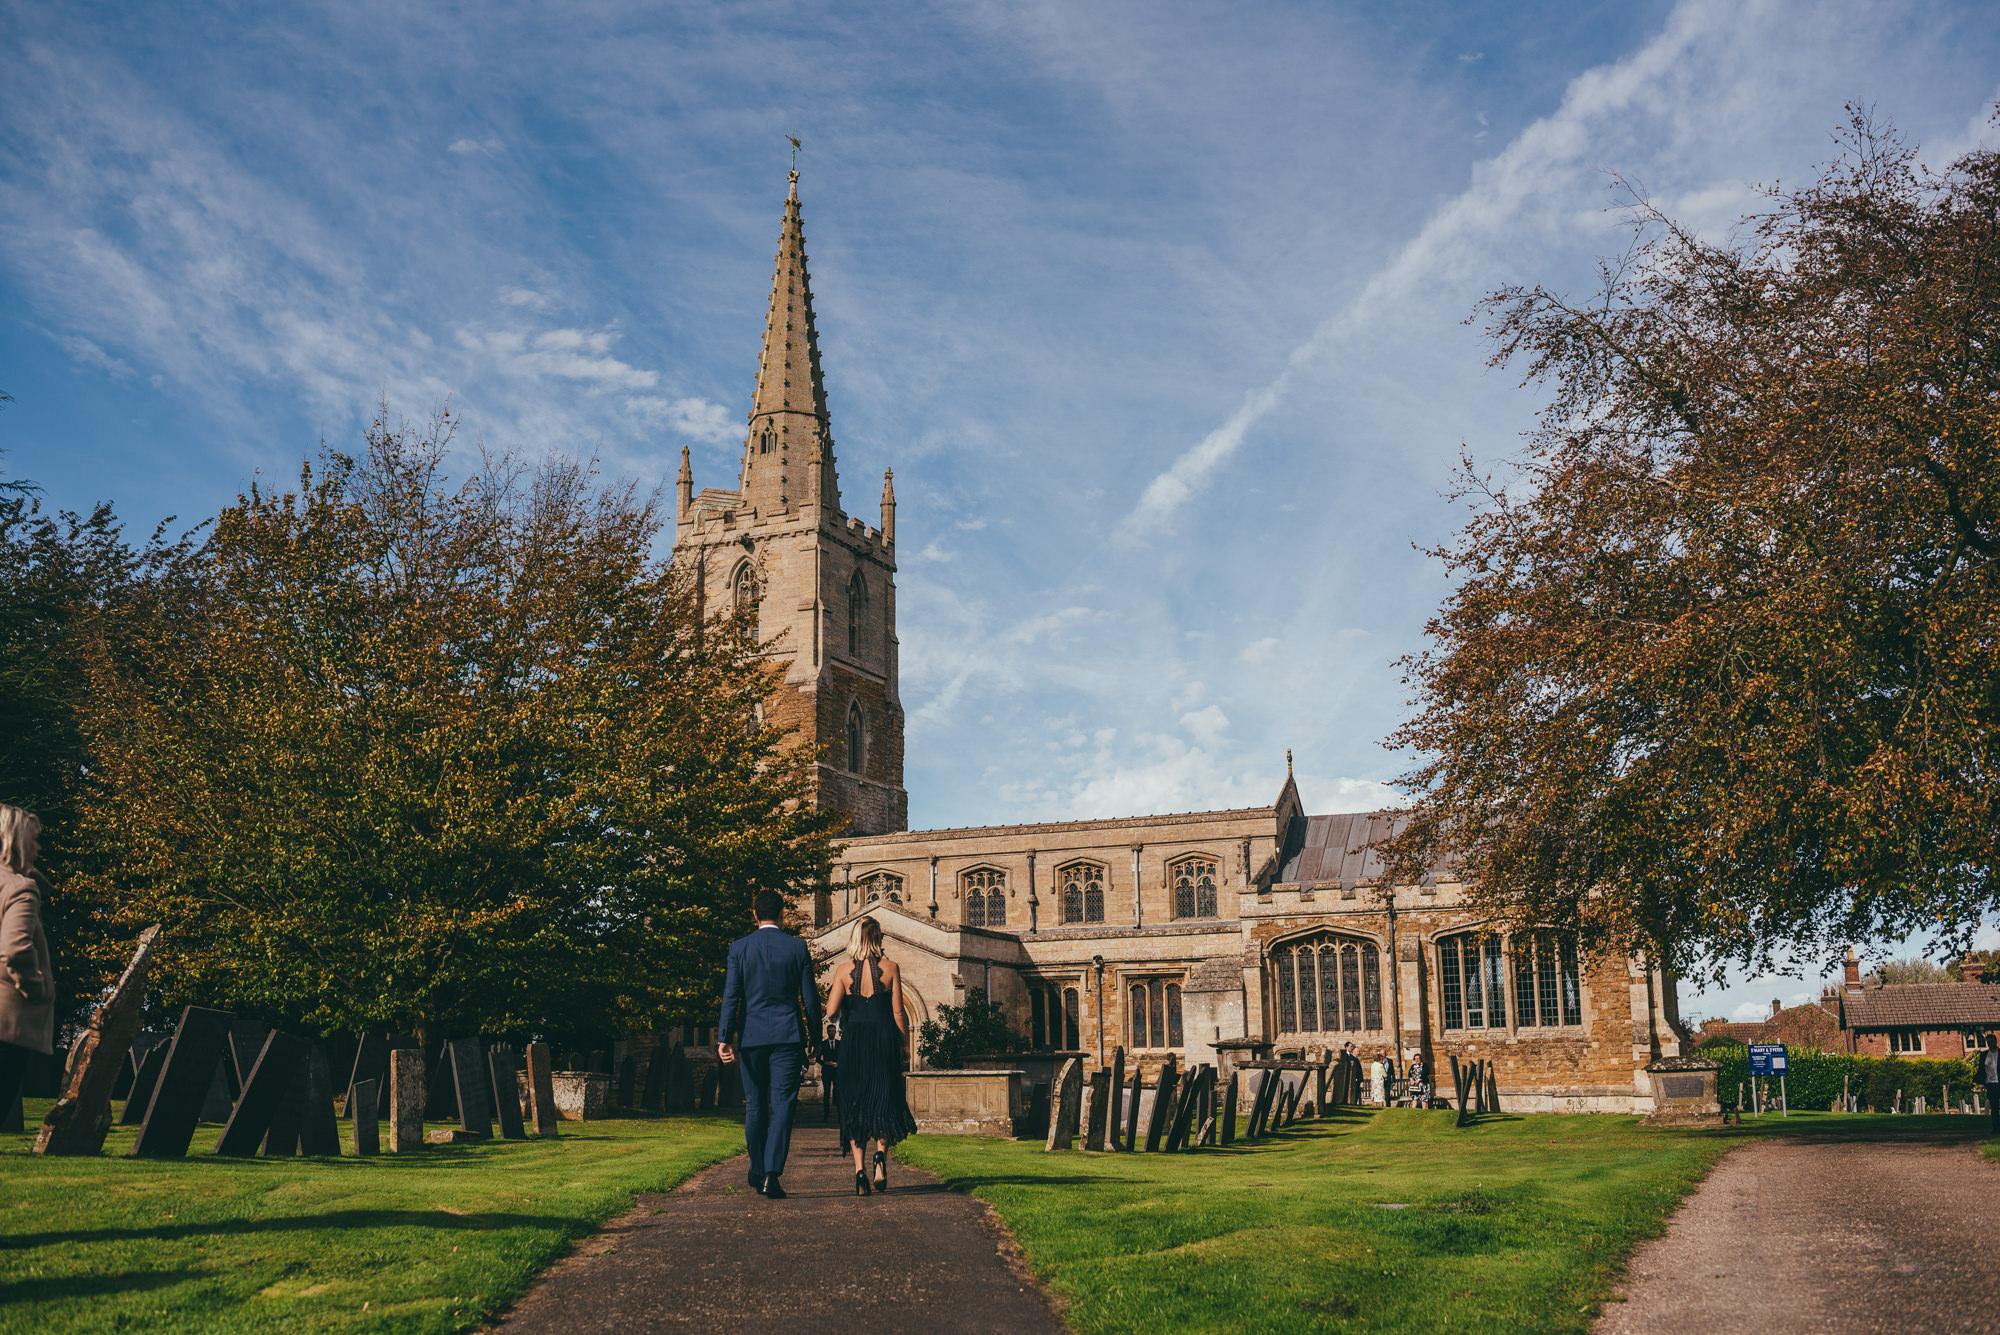 harlaxton church